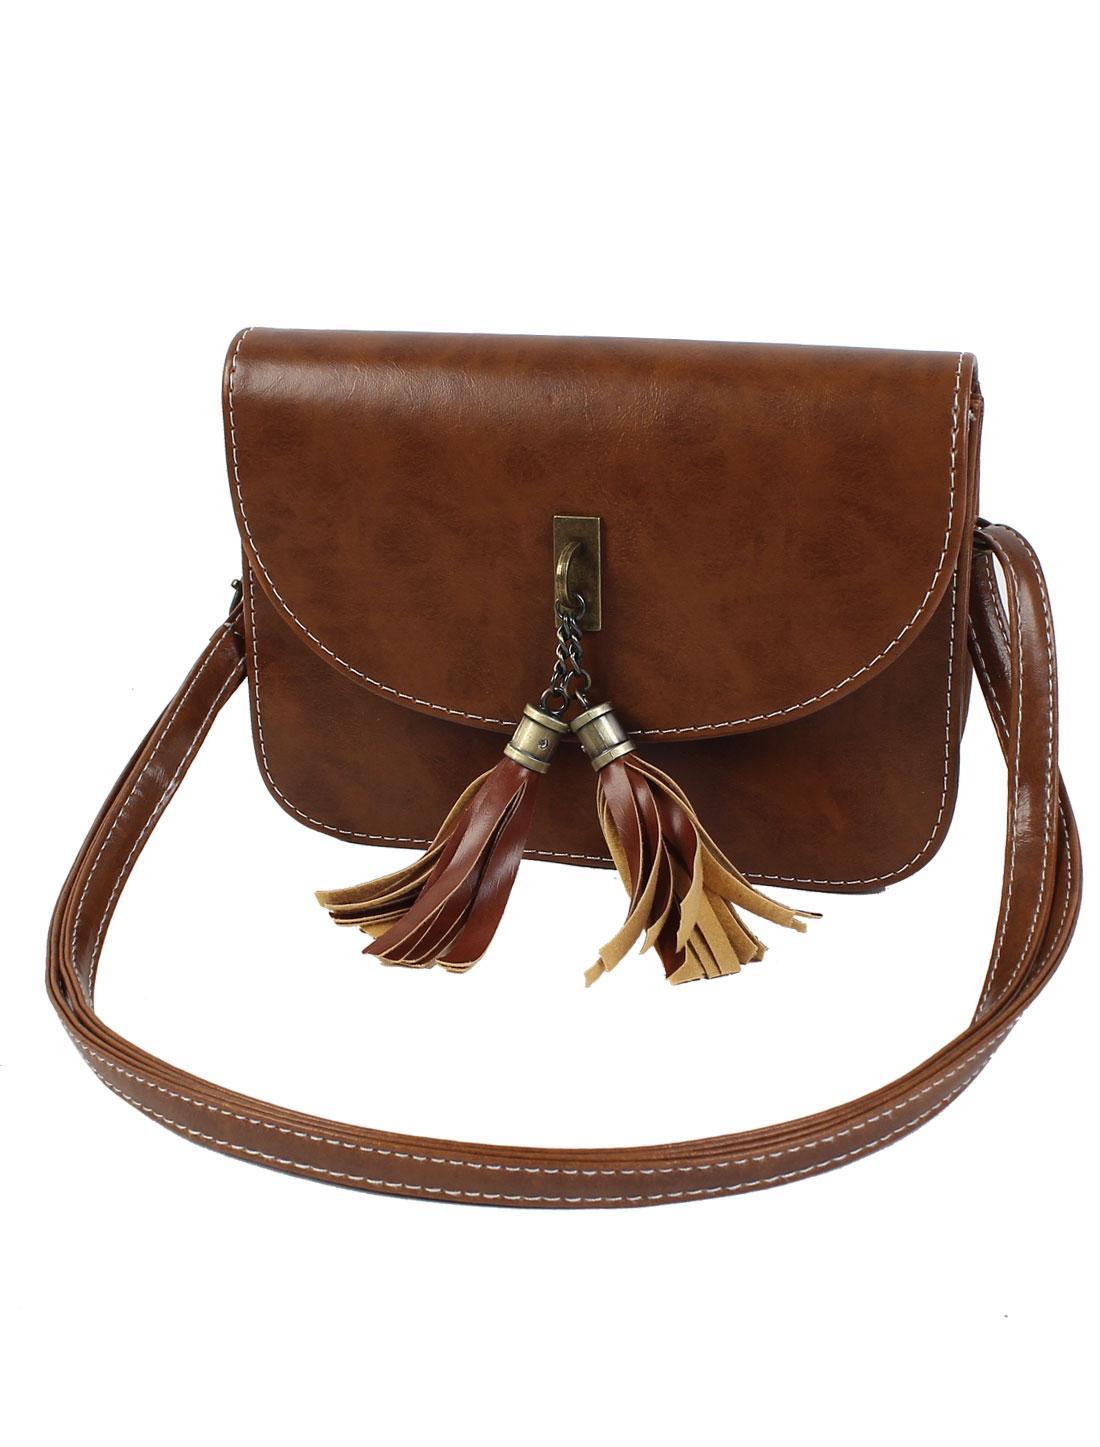 Women Tassel PU Leather Handbag Tote Purse Hobo Messenger Shoulder Bag Brown